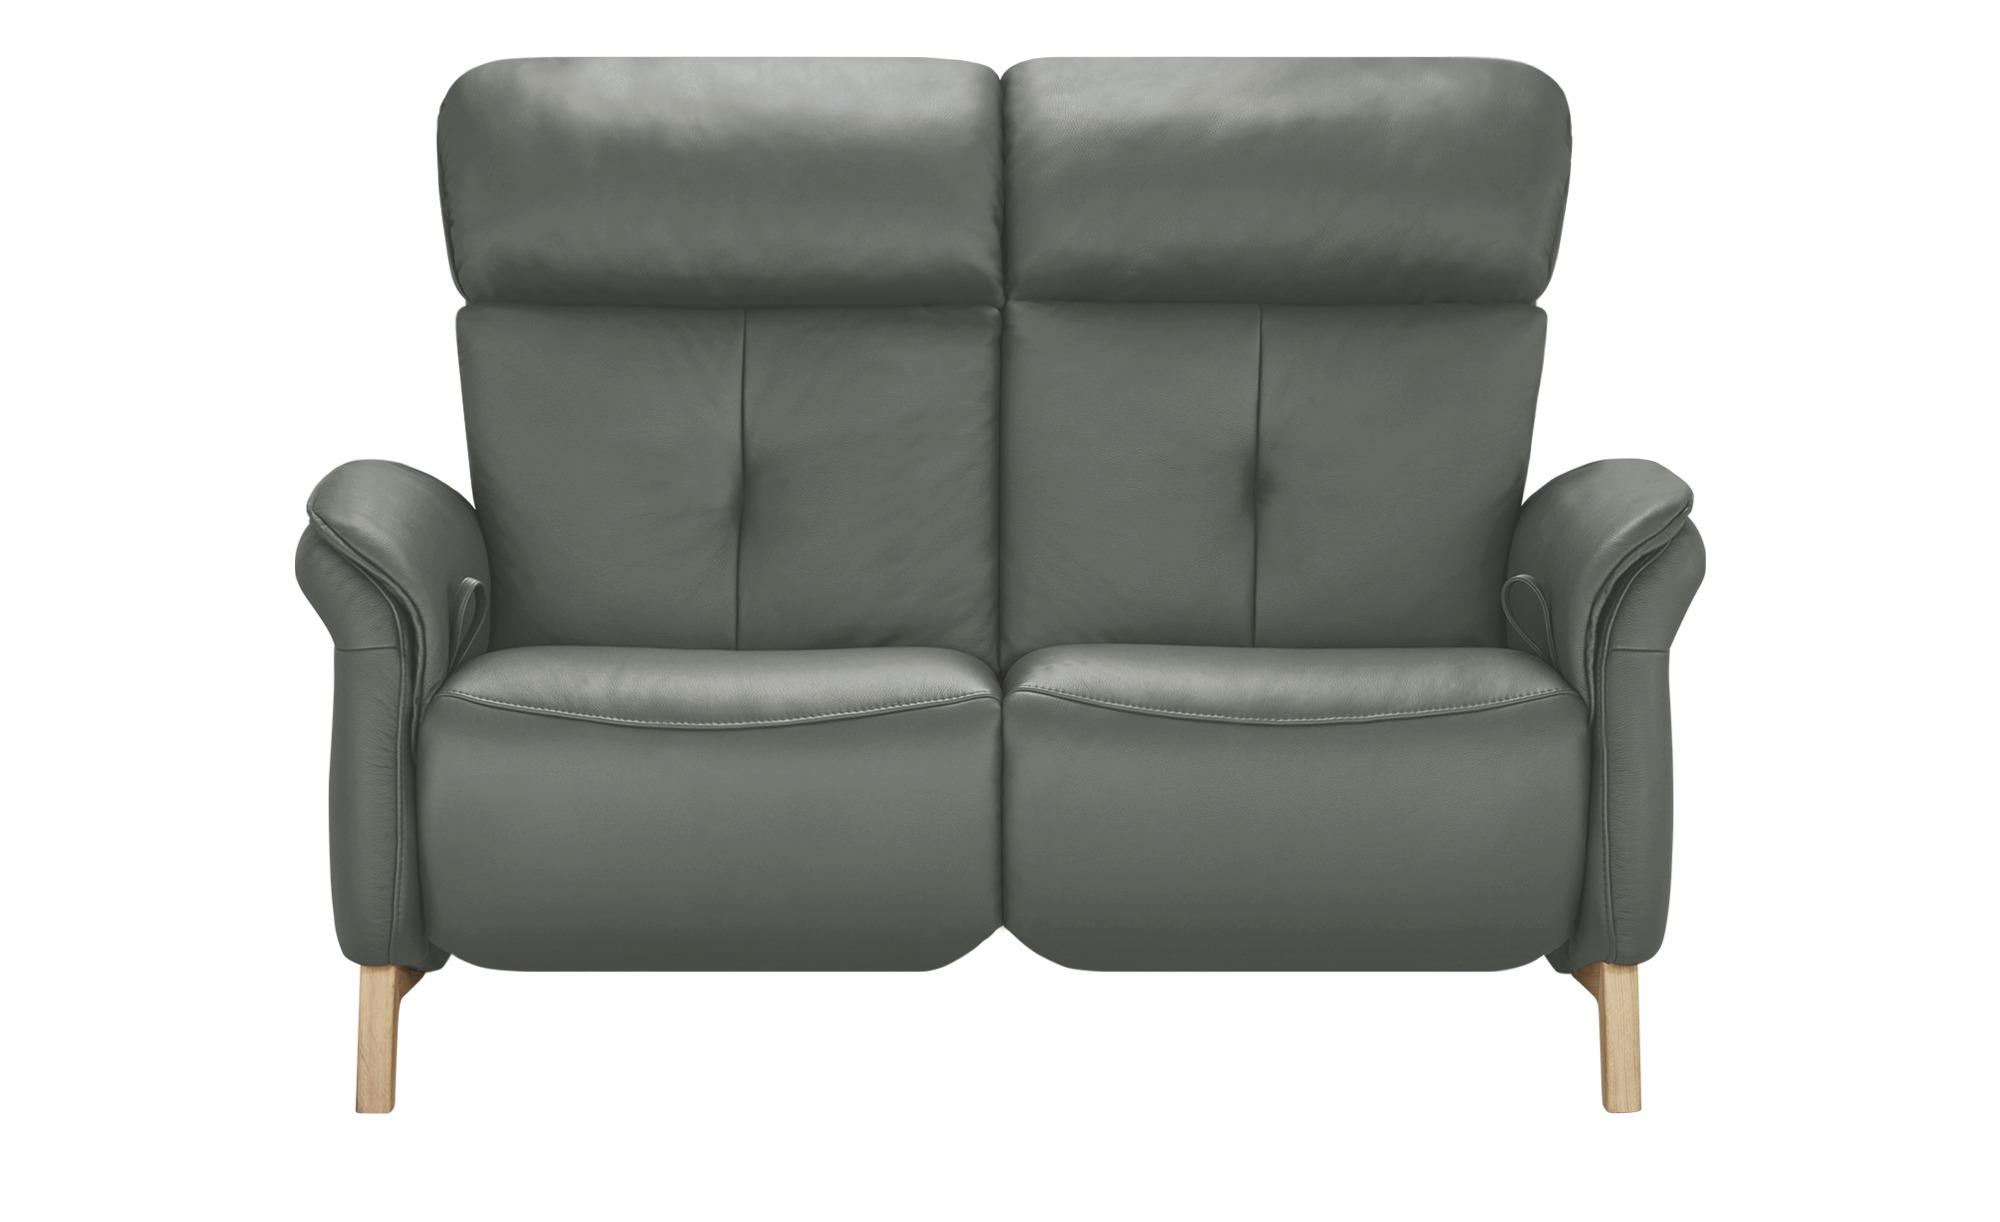 himolla Einzelsofa  4708 ¦ grau ¦ Maße (cm): B: 147 H: 97 T: 106 Polstermöbel > Sofas > 2-Sitzer - Höffner